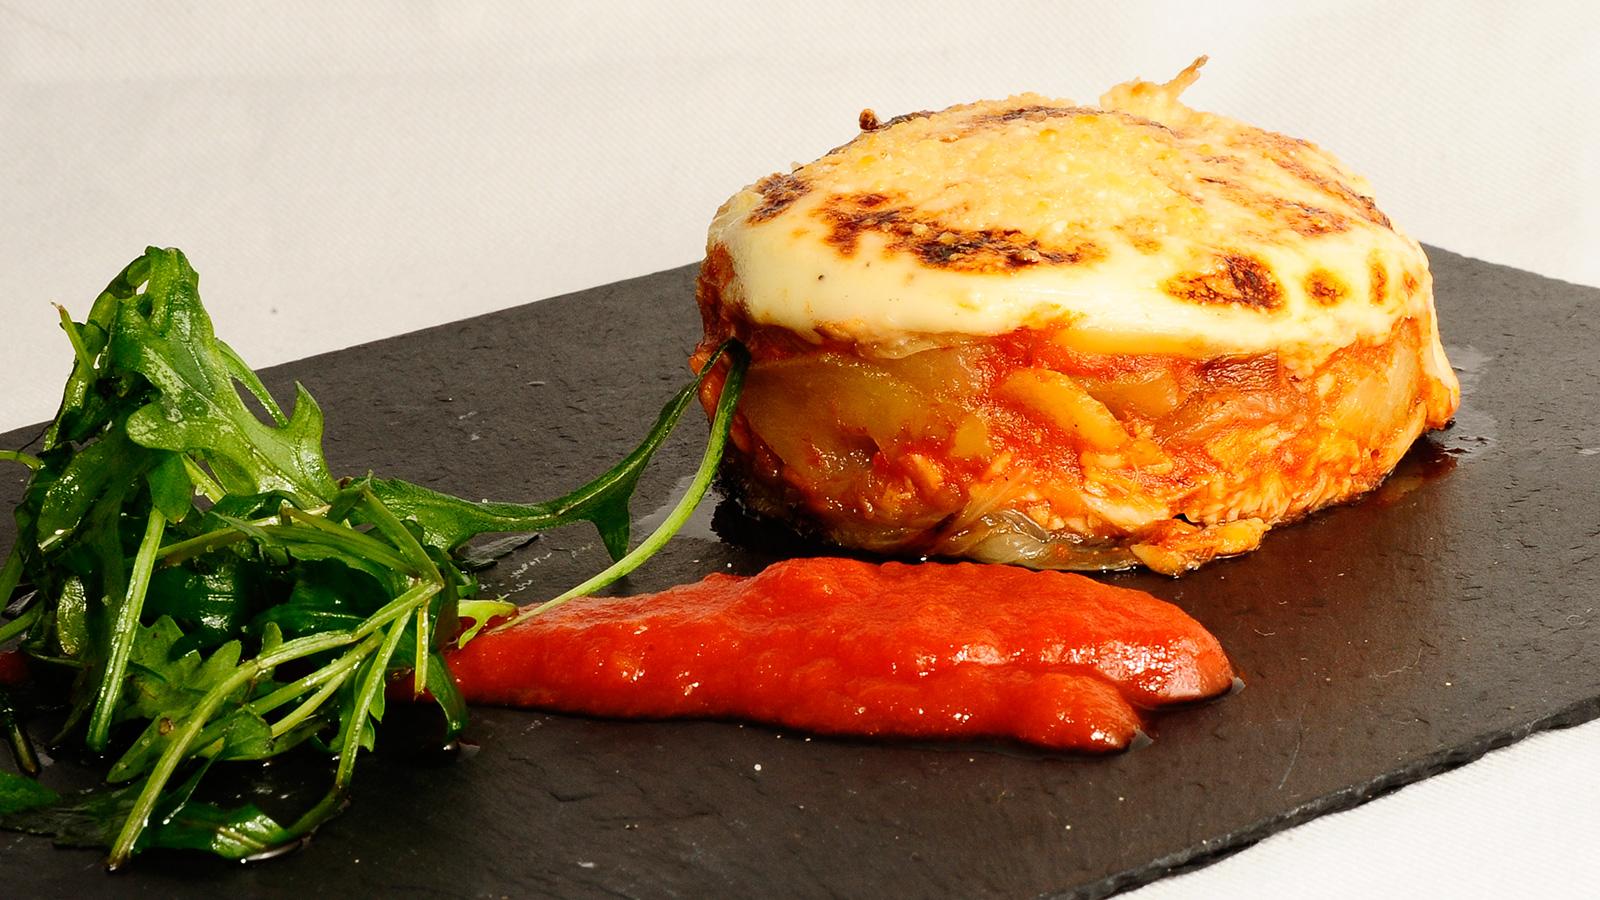 Patatas con bonito y bechamel sergio fern ndez receta for Canal cocina sergio fernandez